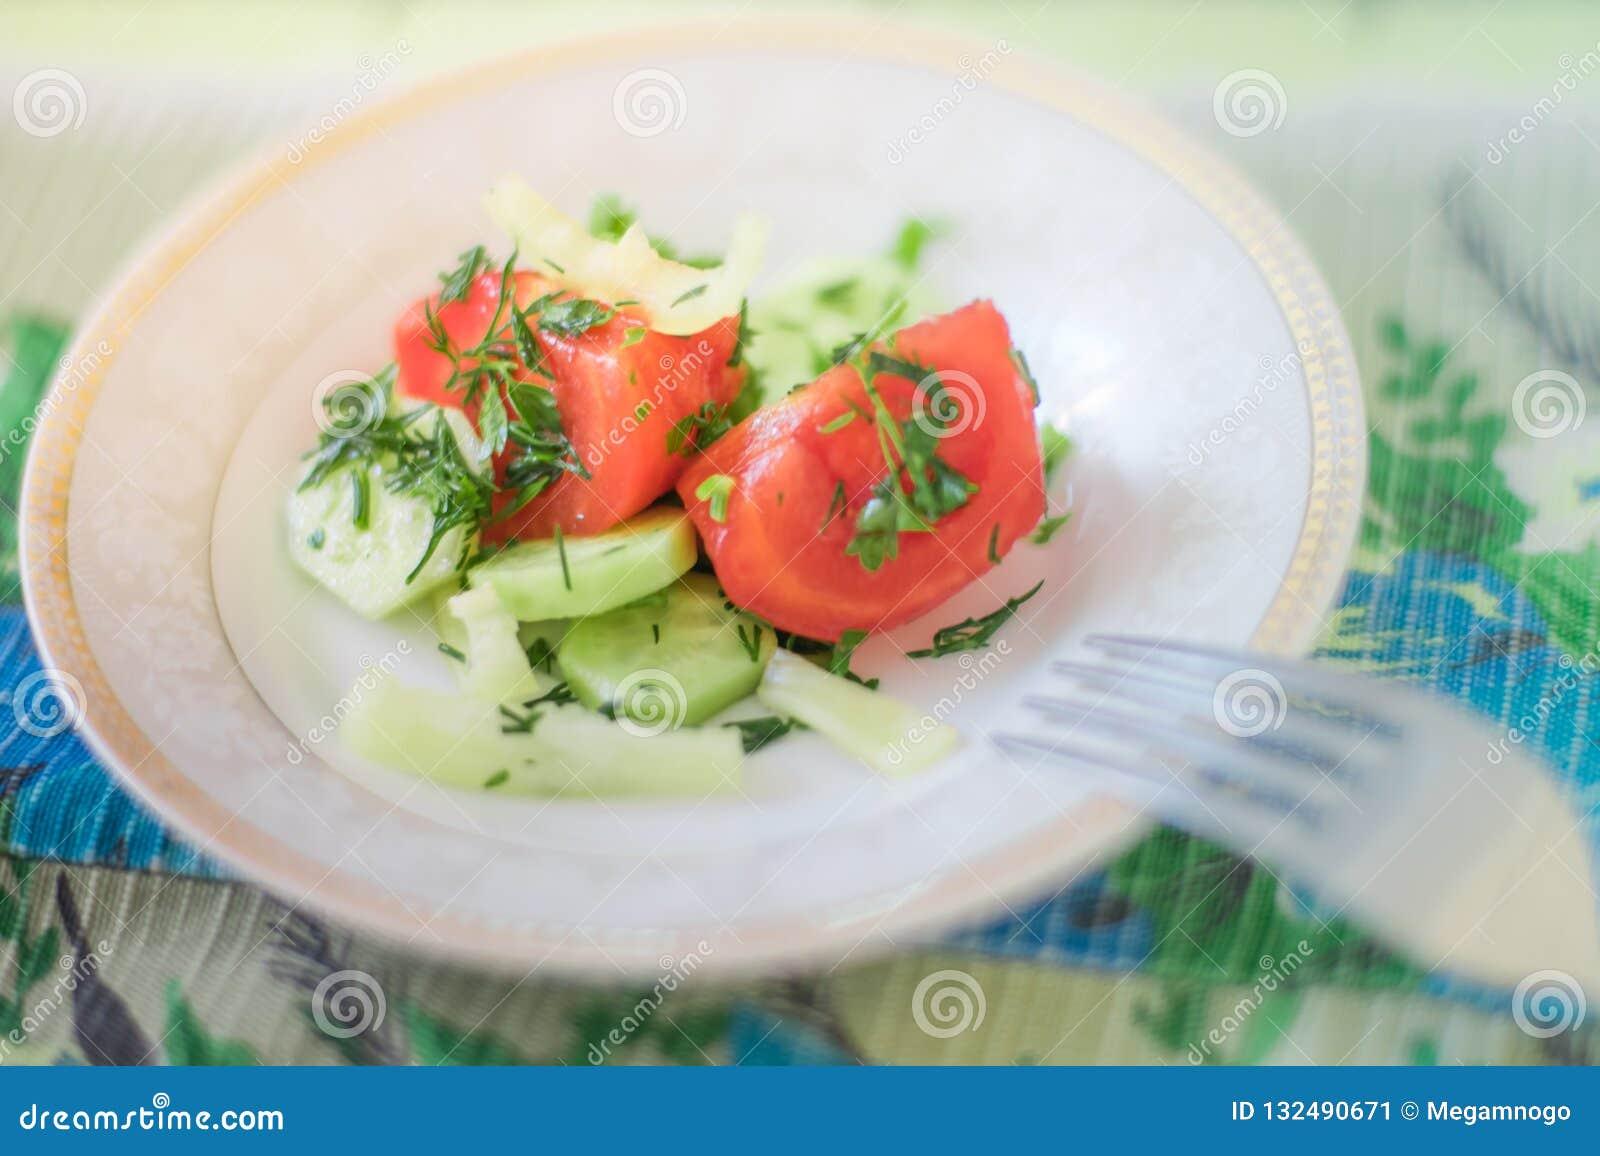 Salada com tomate, o pepino, pimento e verdes frescos em uns pires brancos com uma forquilha